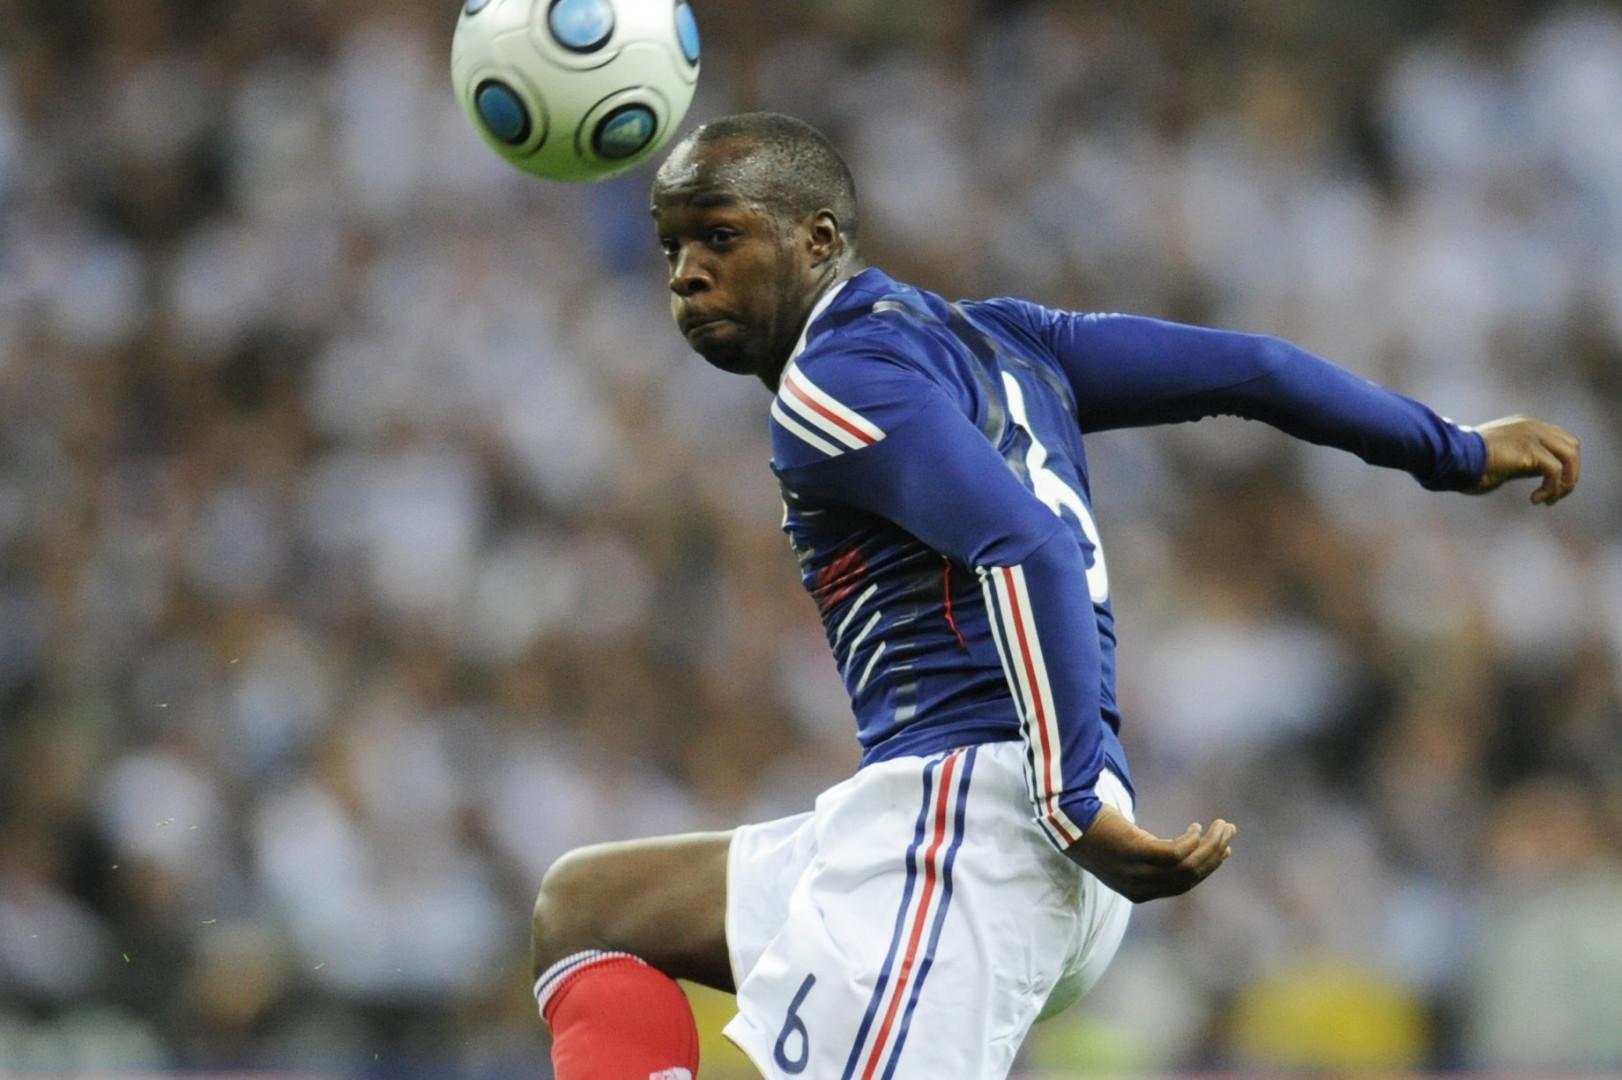 Lassana Diarra sous le maillot de l'équipe de France, le 18 novembre 2009